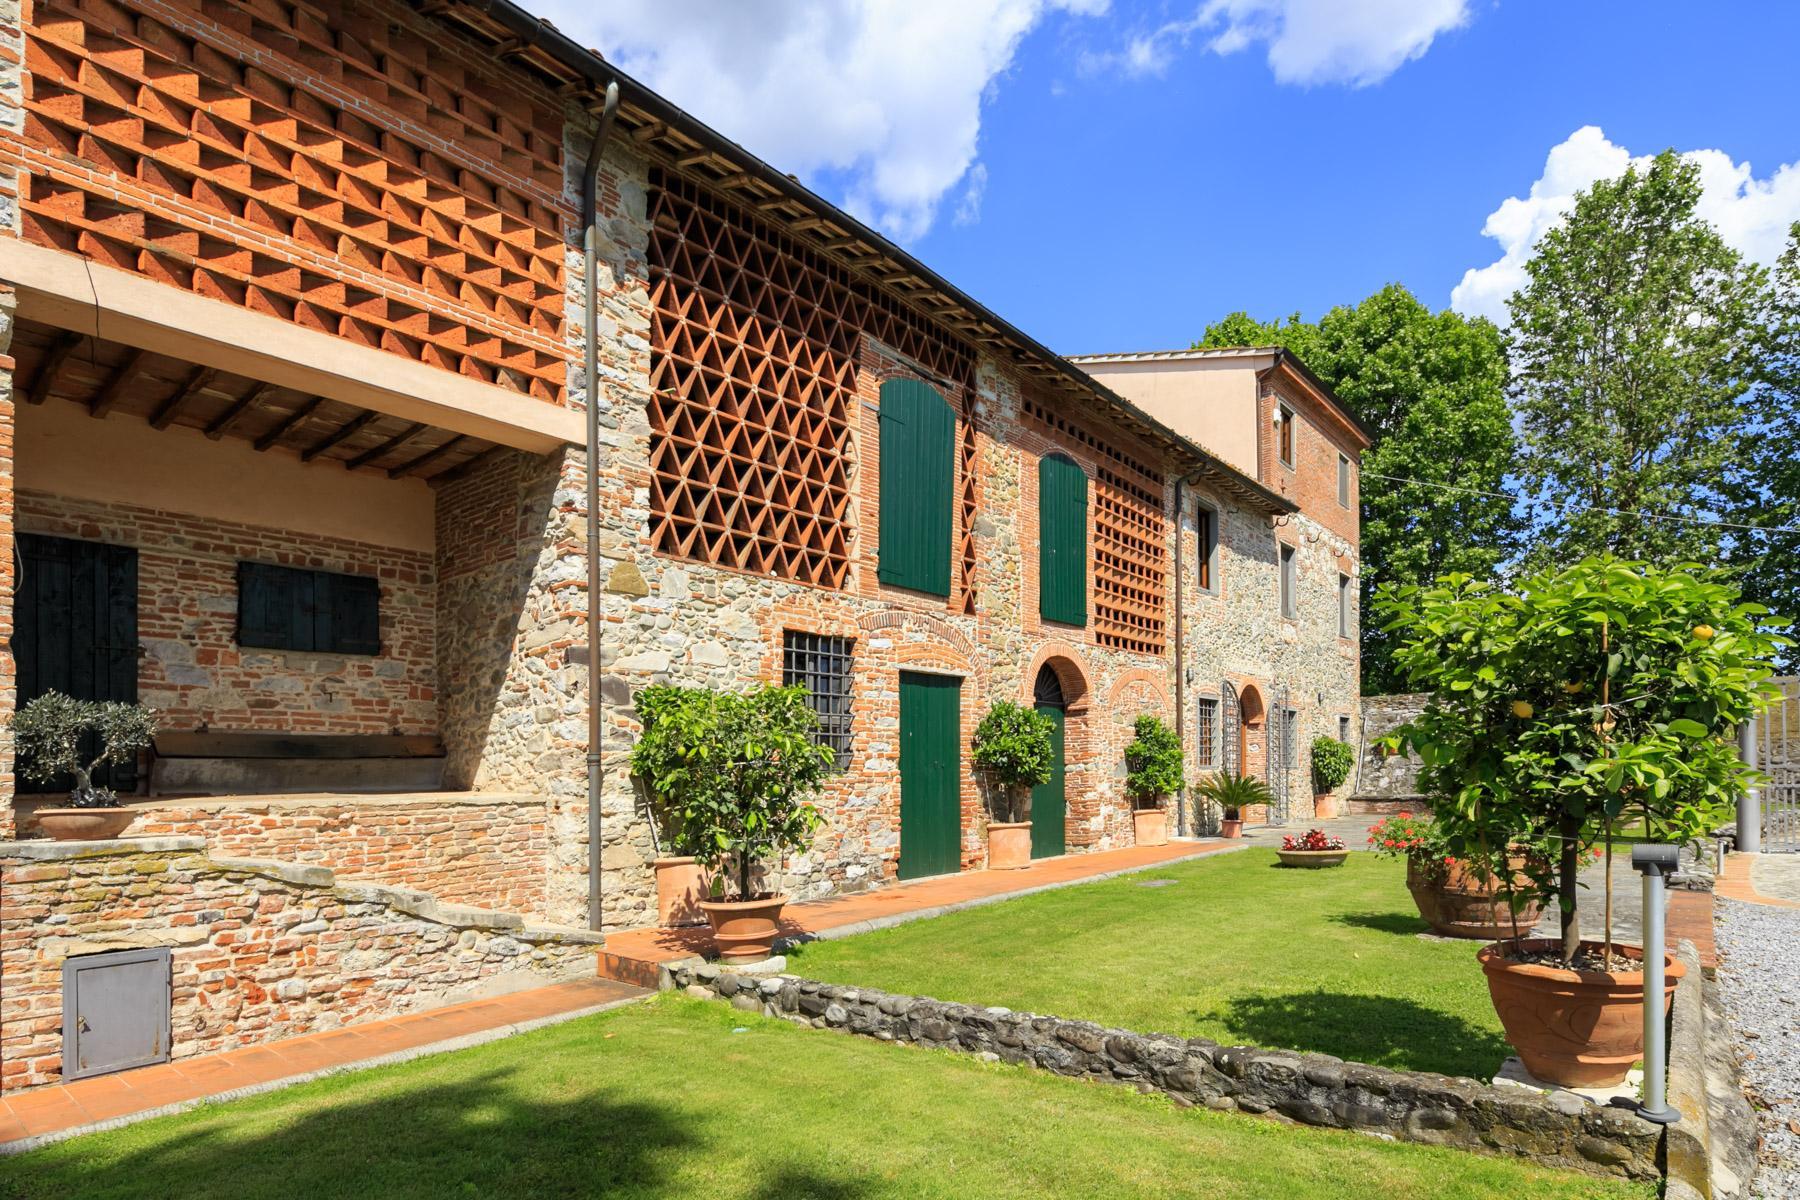 Antikes Bauernhaus auf dem Land von Lucca - 3